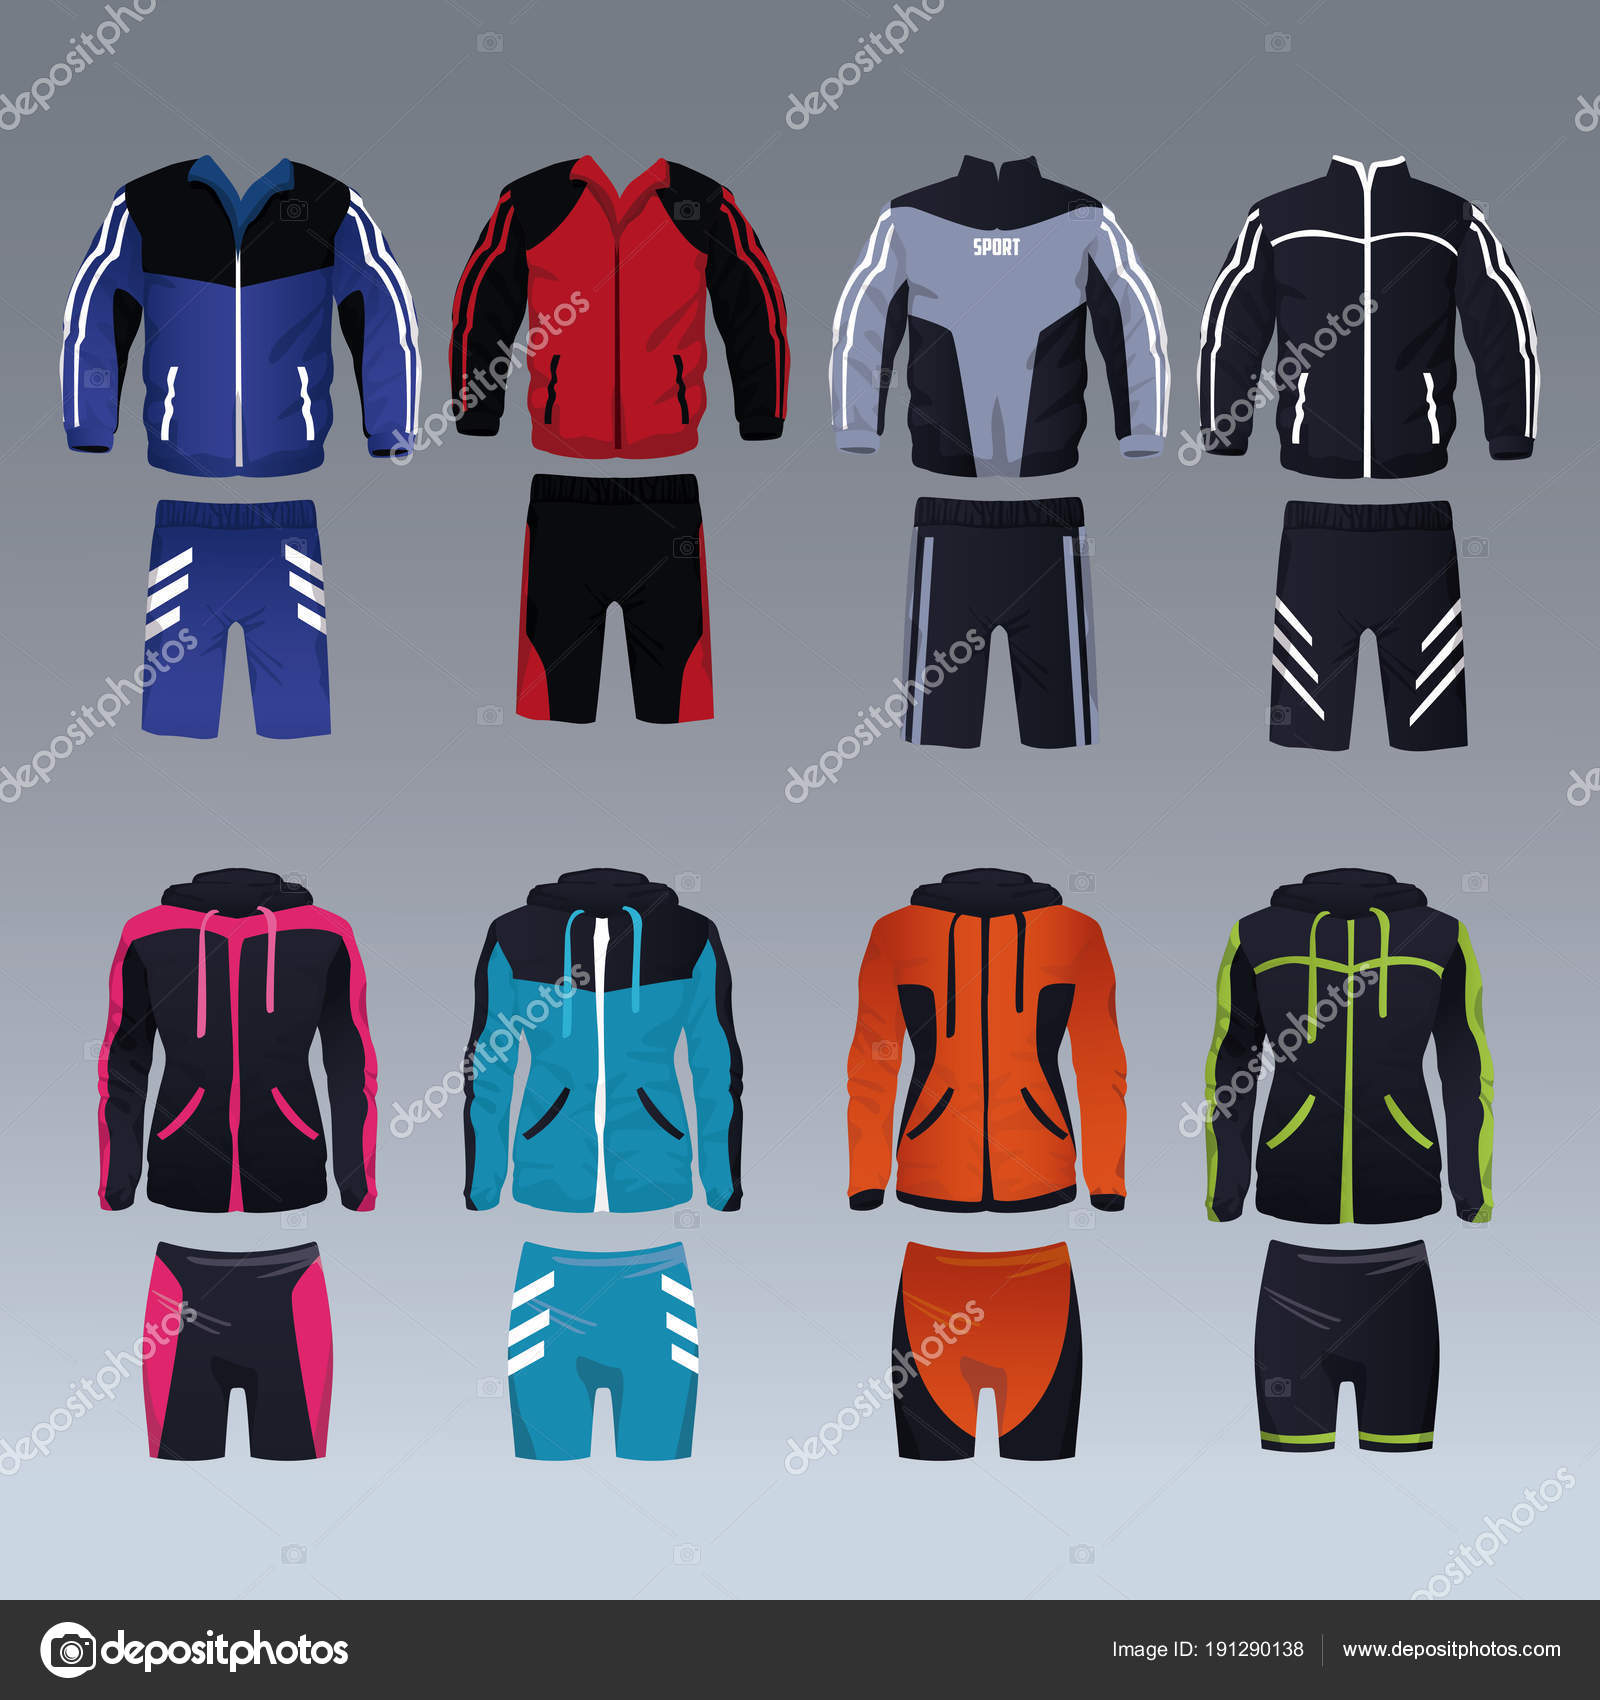 Conjunto de ropa de deporte de masculina y femenina colección vector  ilustración gráfica diseño - fotos  descargar ropa deportiva para mujer —  Vector de ... fb4b267f5301f